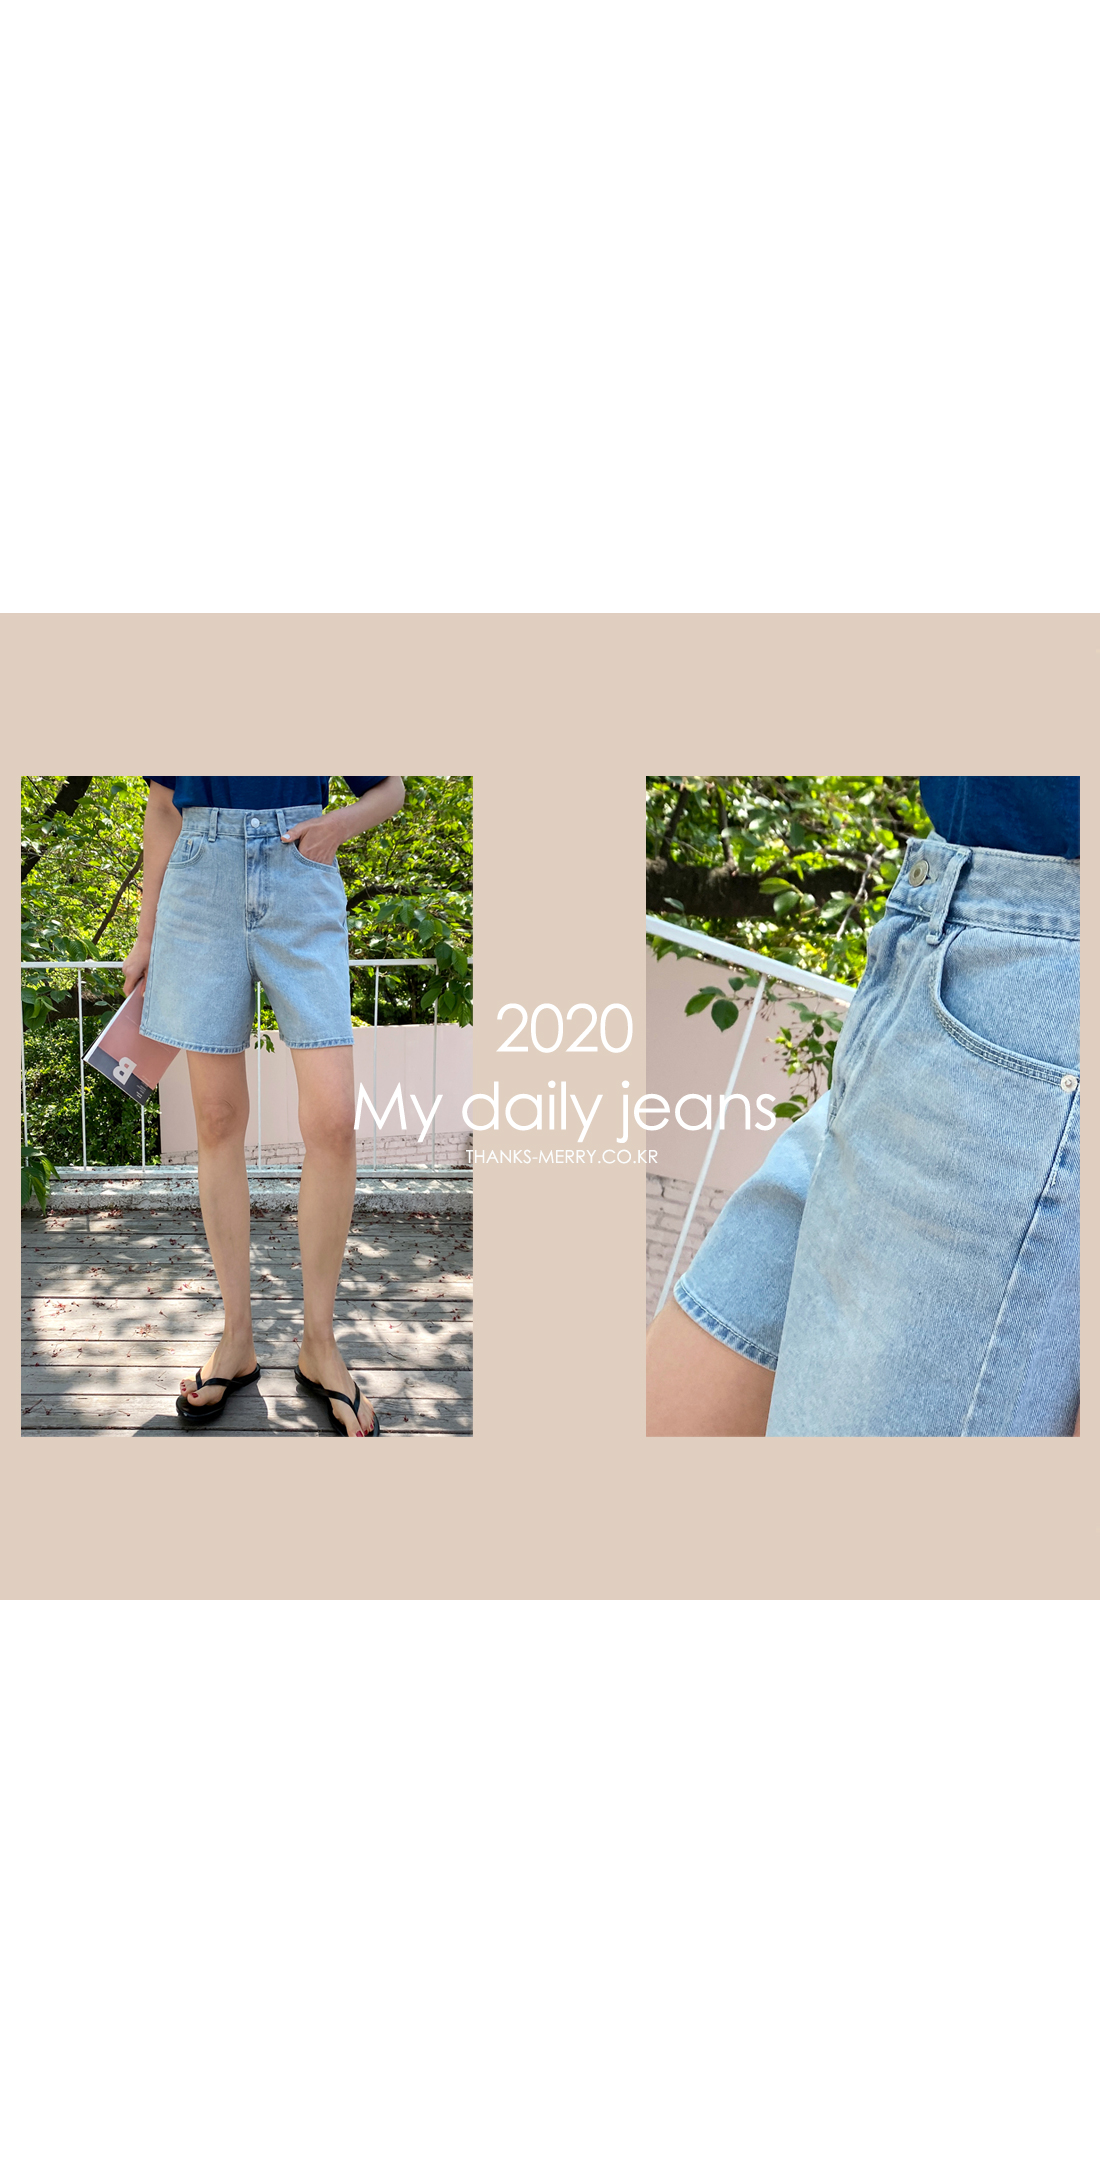 Off-line 3 part shorts